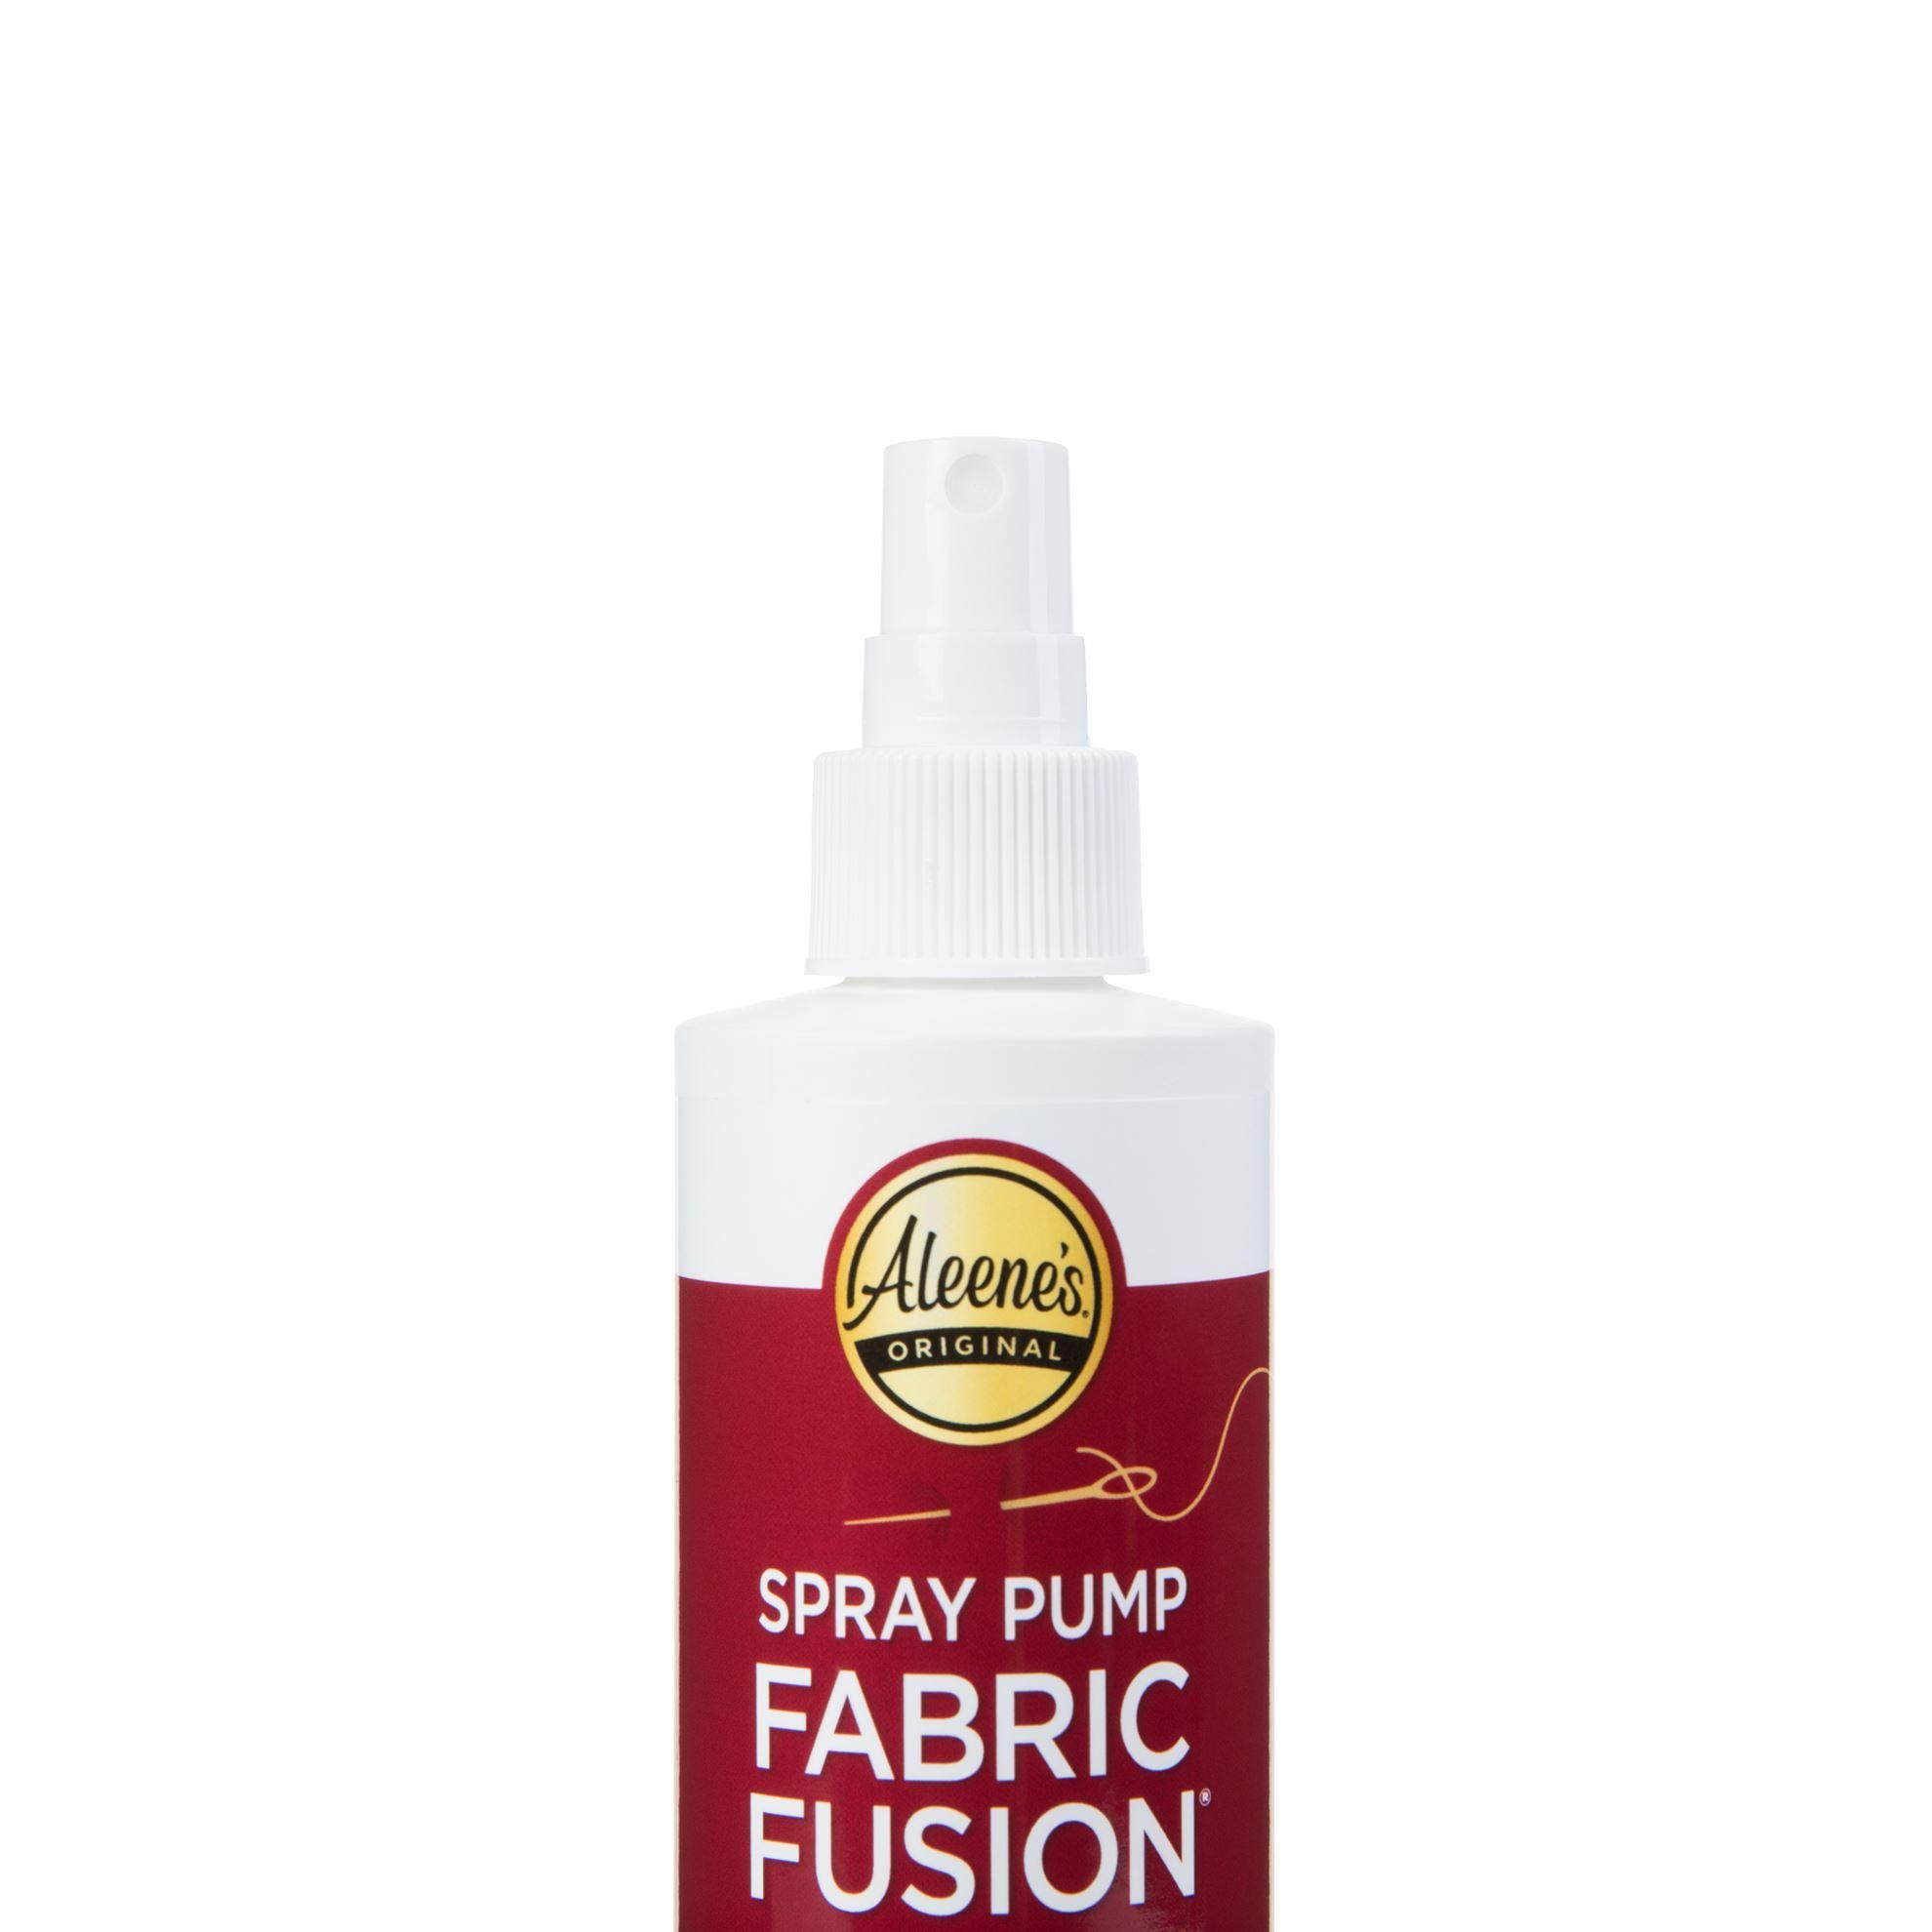 Fabric Fusion Spray Nozzle